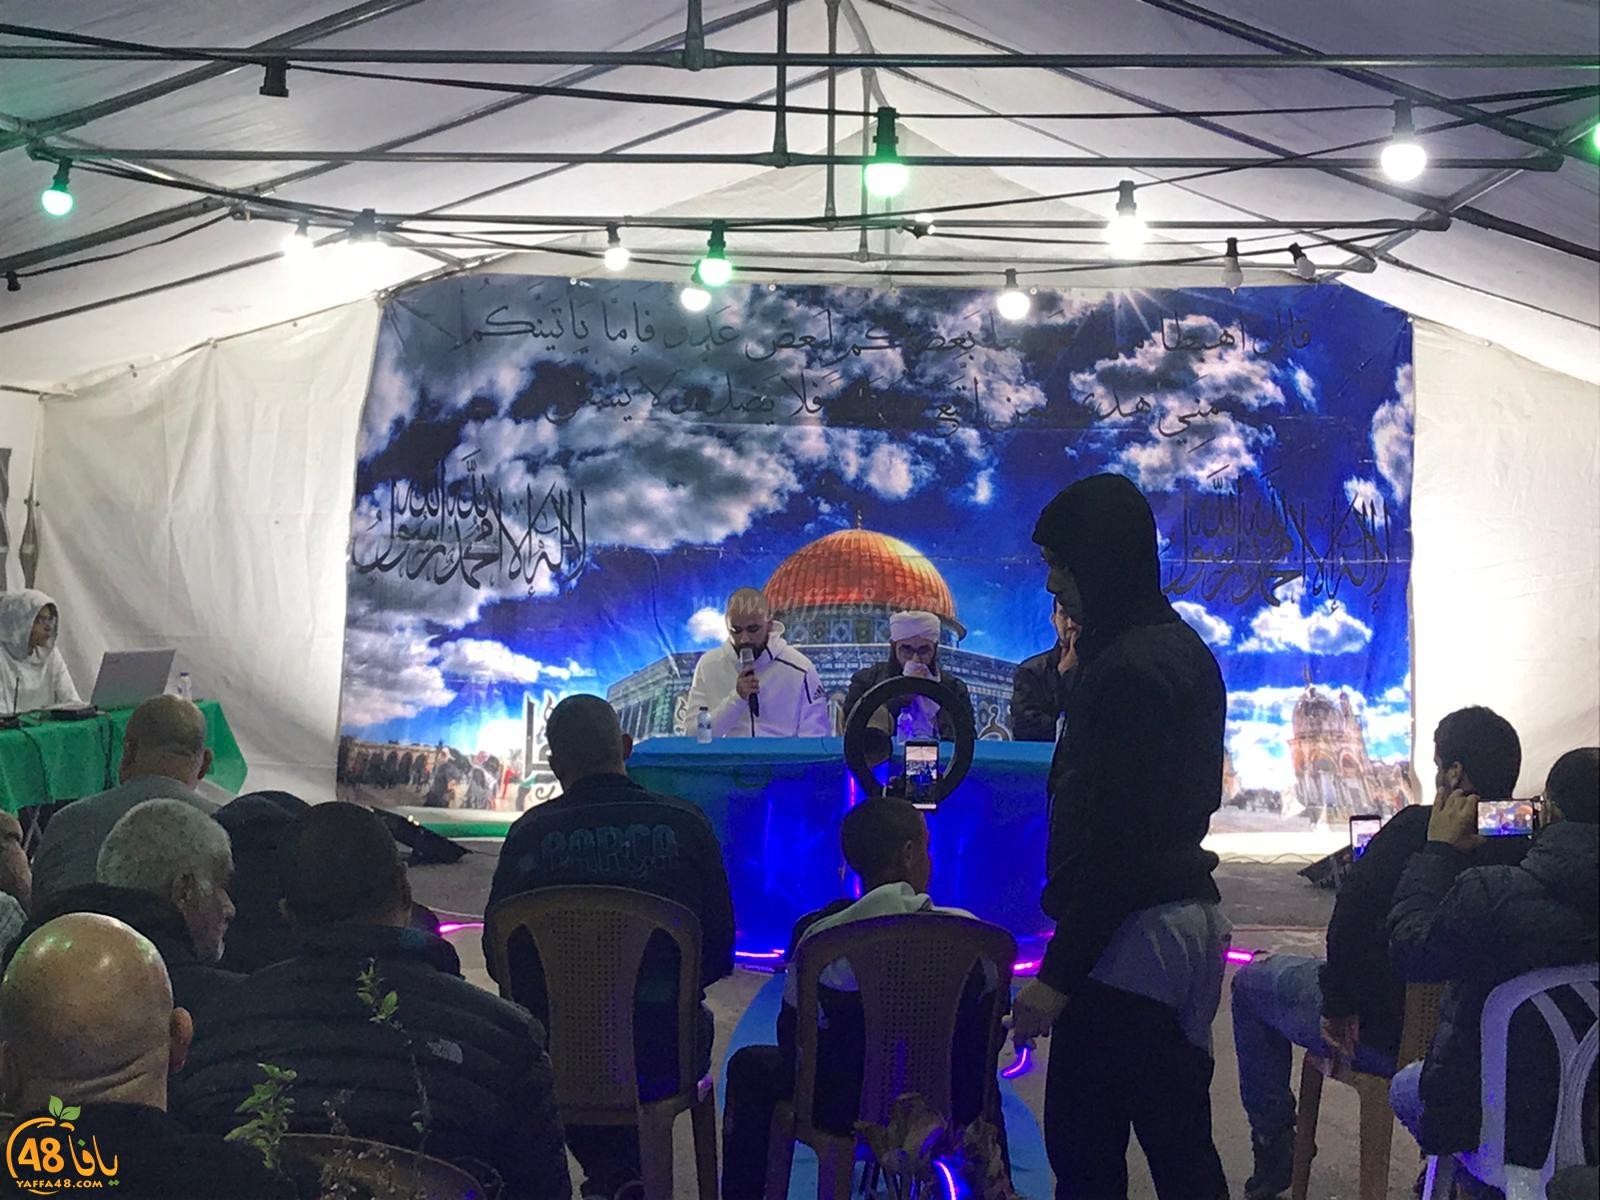 بالصور: خيمة الهدى تنظّم أمسية دعويّة في ضيافة عائلة سكسك بيافا